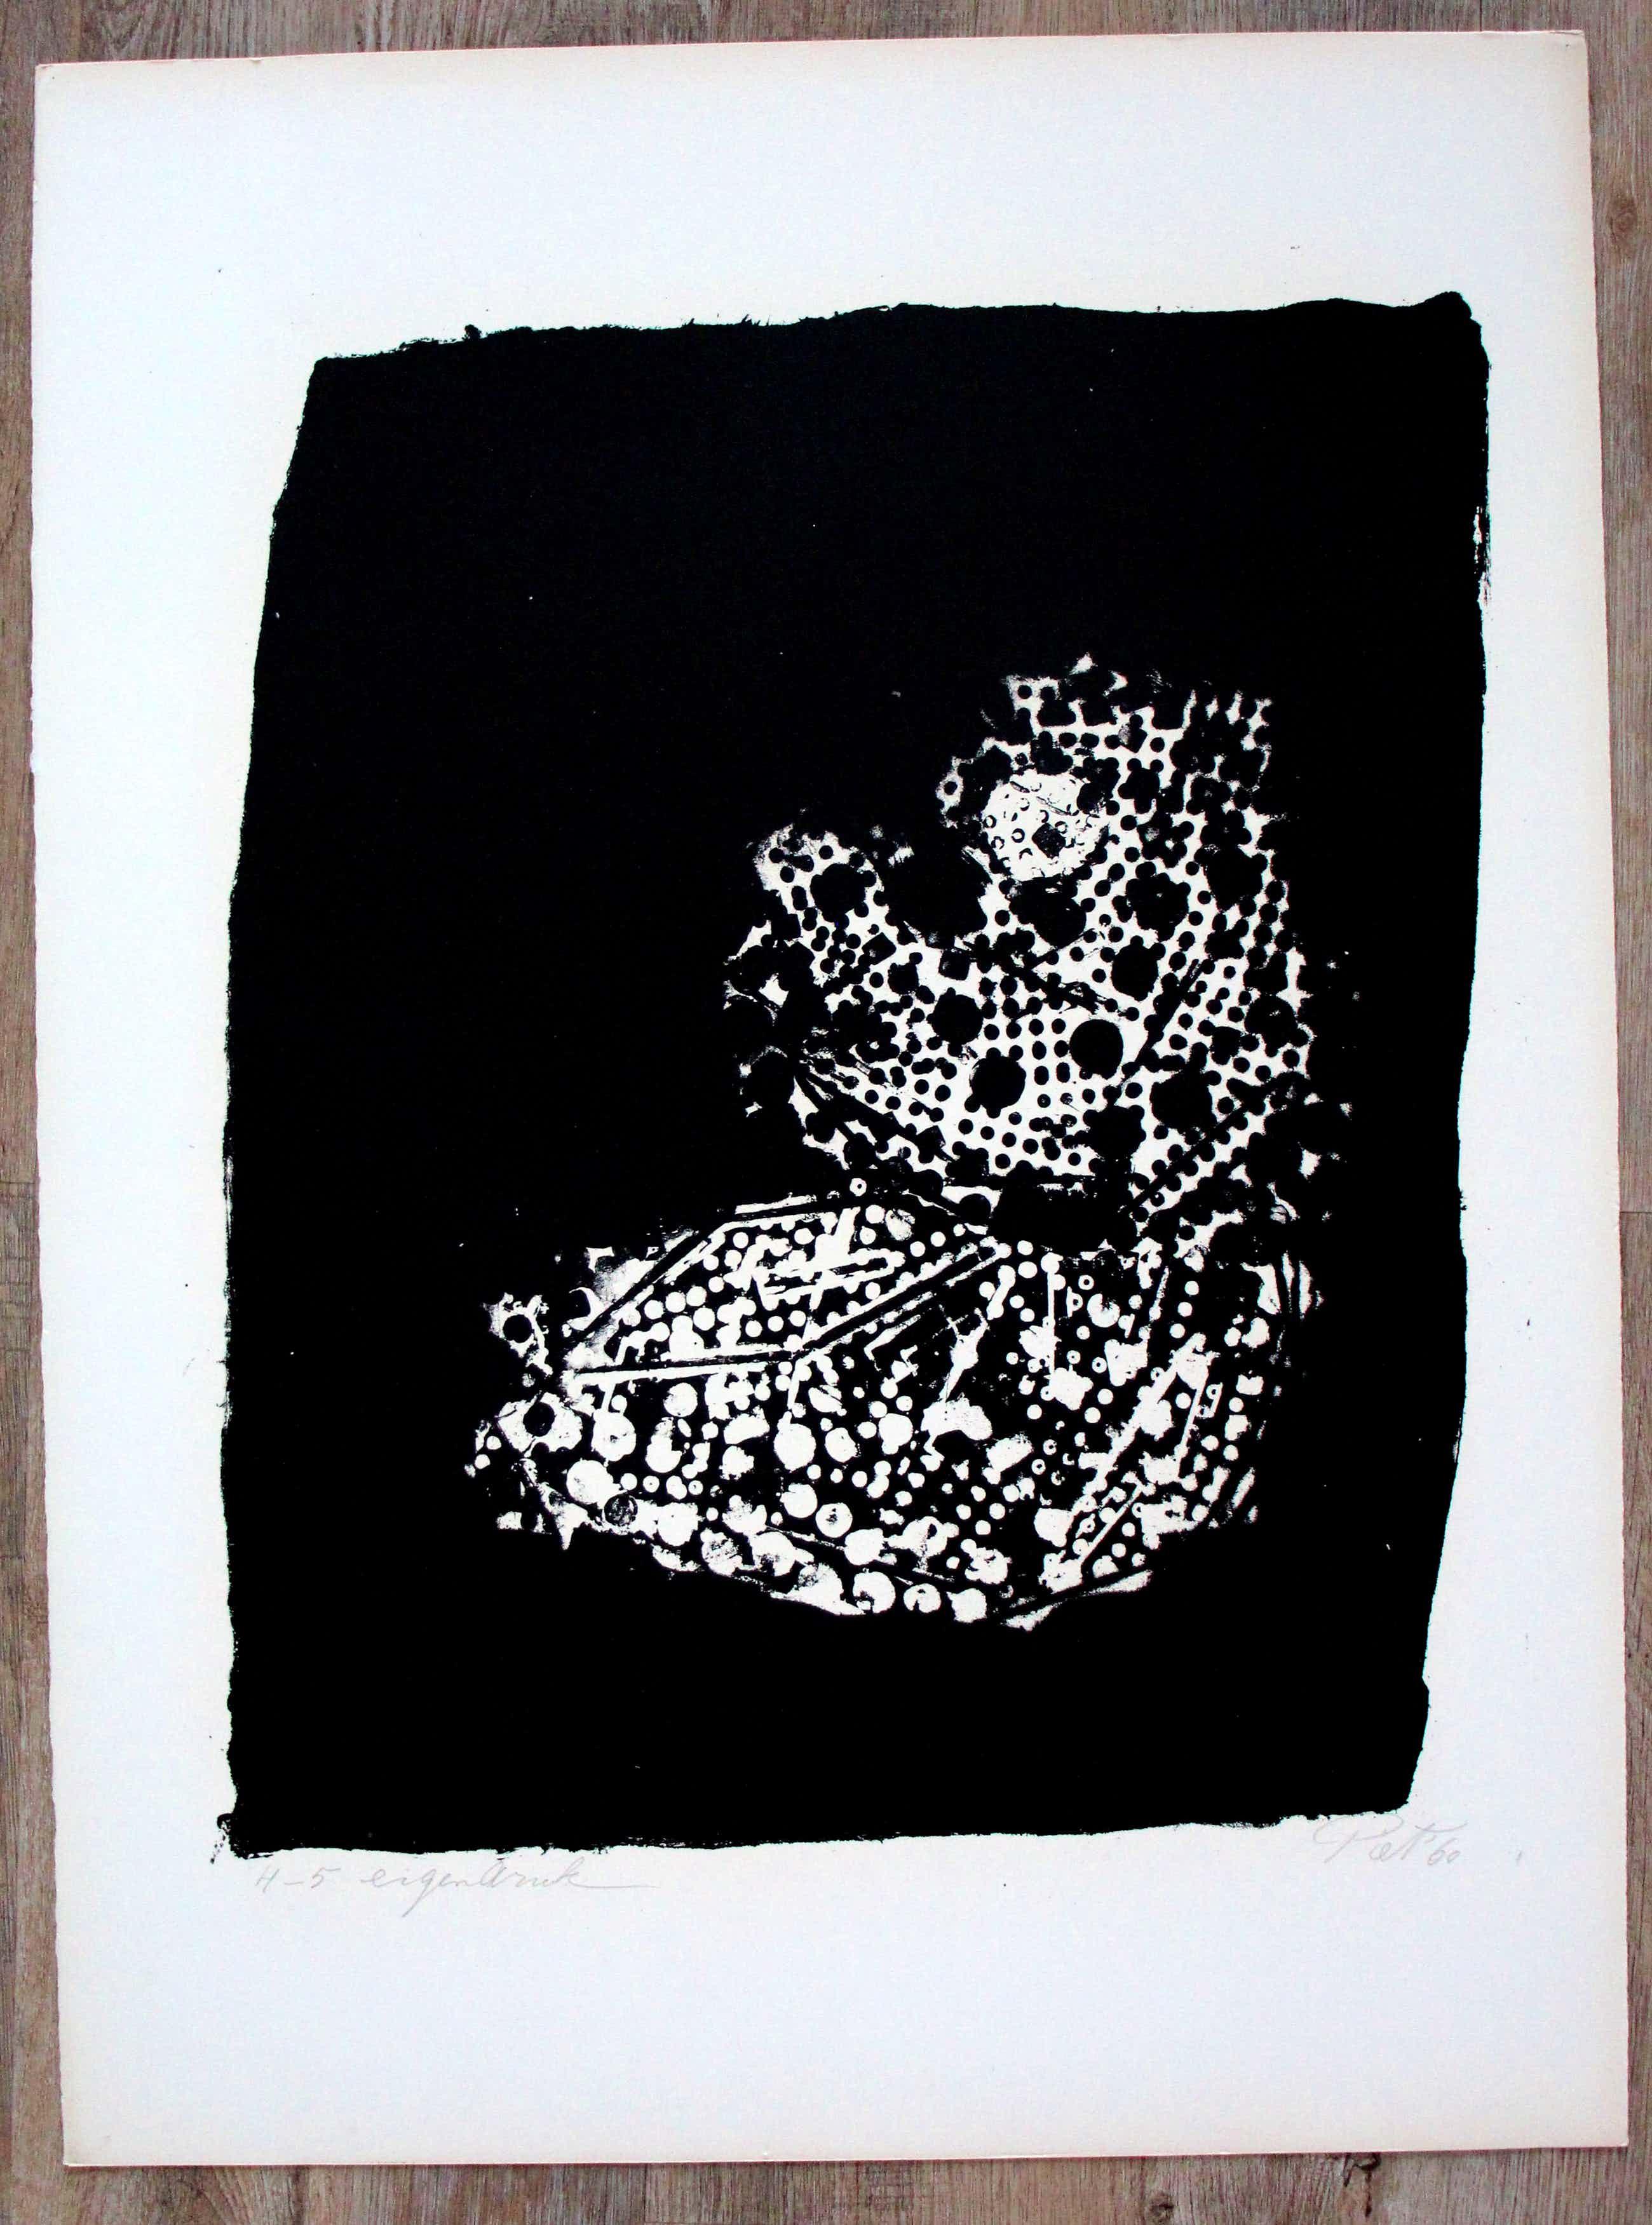 Piet van Stuivenberg - Litho: Abstracte compositie - 1961 kopen? Bied vanaf 45!